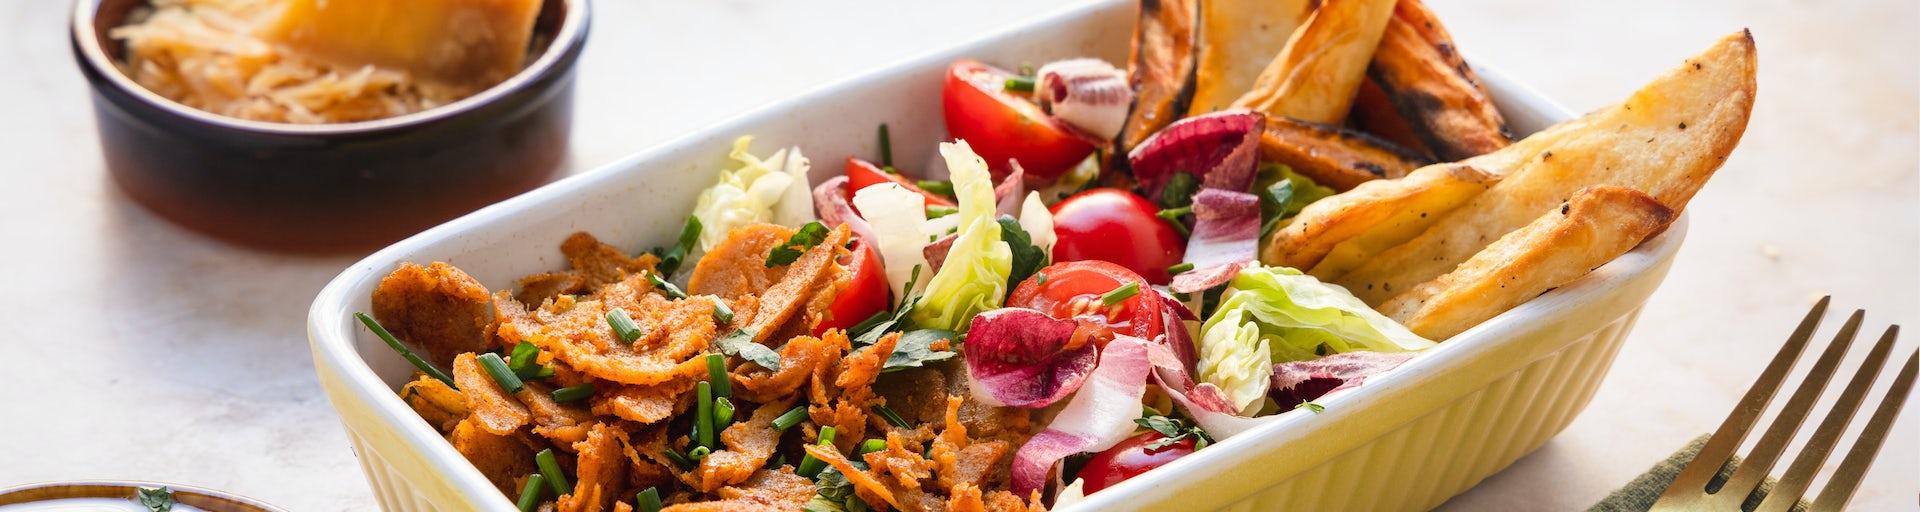 Wk 14 Vegetarische Karma Kebab met Beemster aardappels bataatfrietjes sla roodlof cherrytomaatjes overjarig